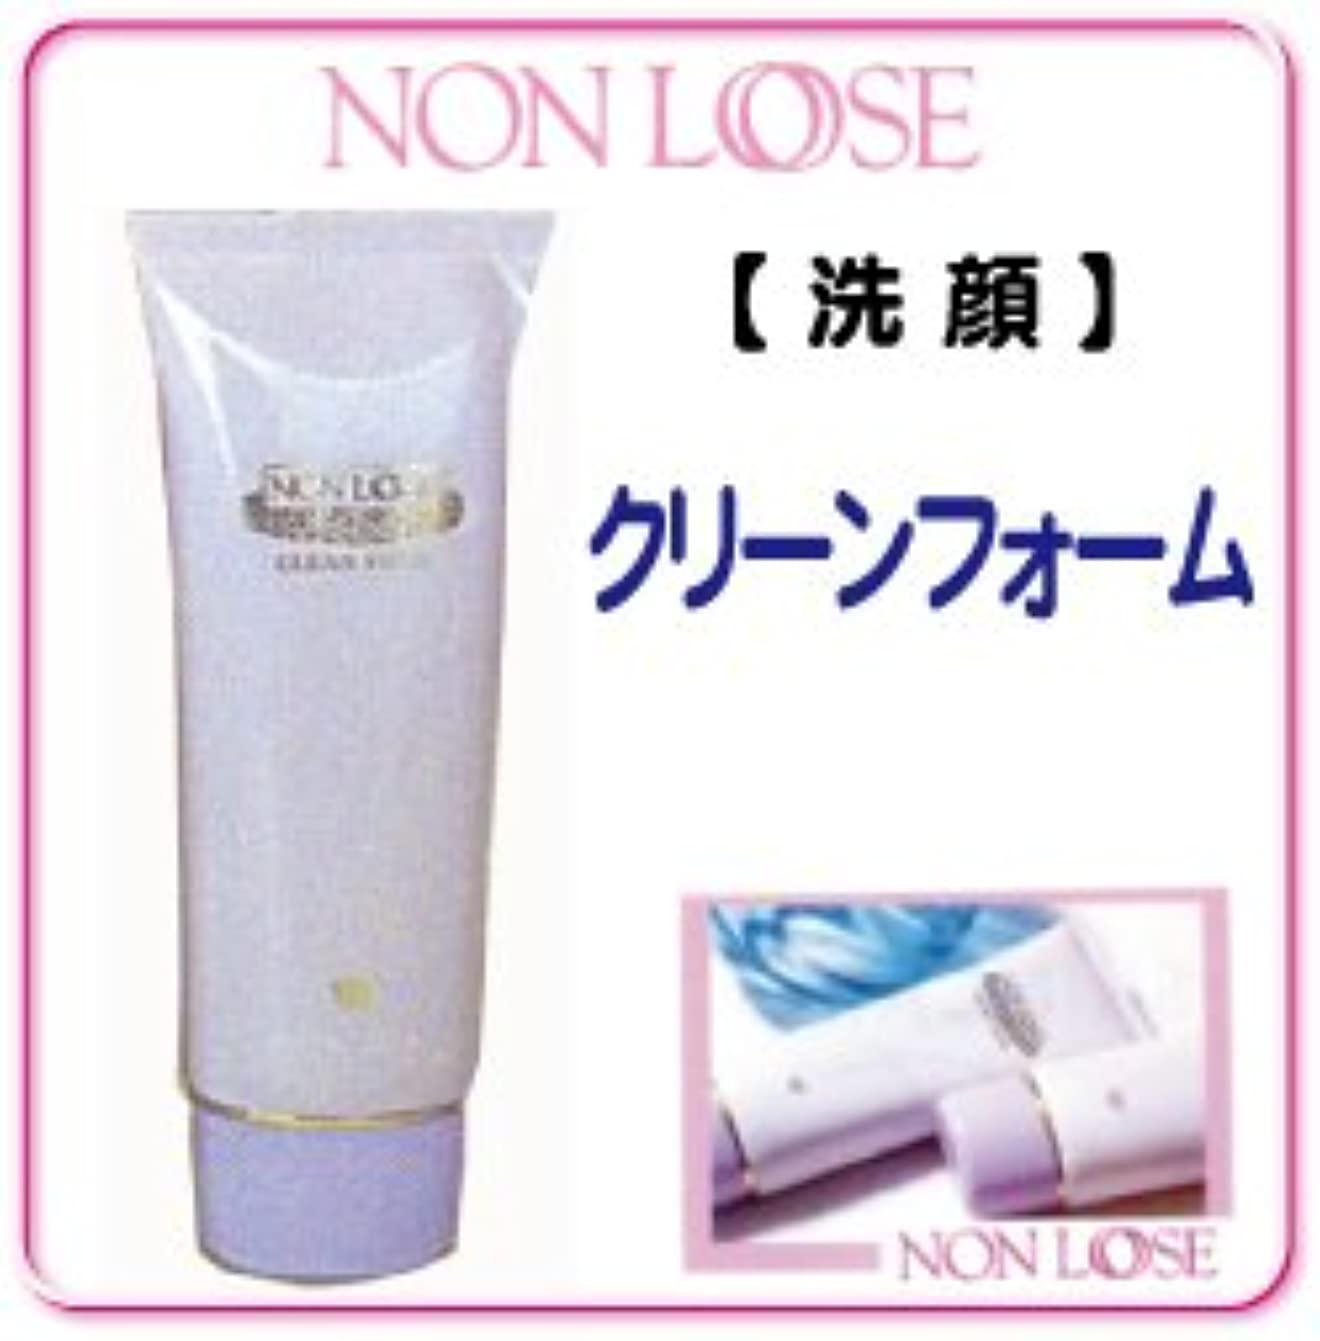 妥協あさり地平線ベルマン化粧品 ノンル―ス クリーンフォーム 100g 【洗顔料】